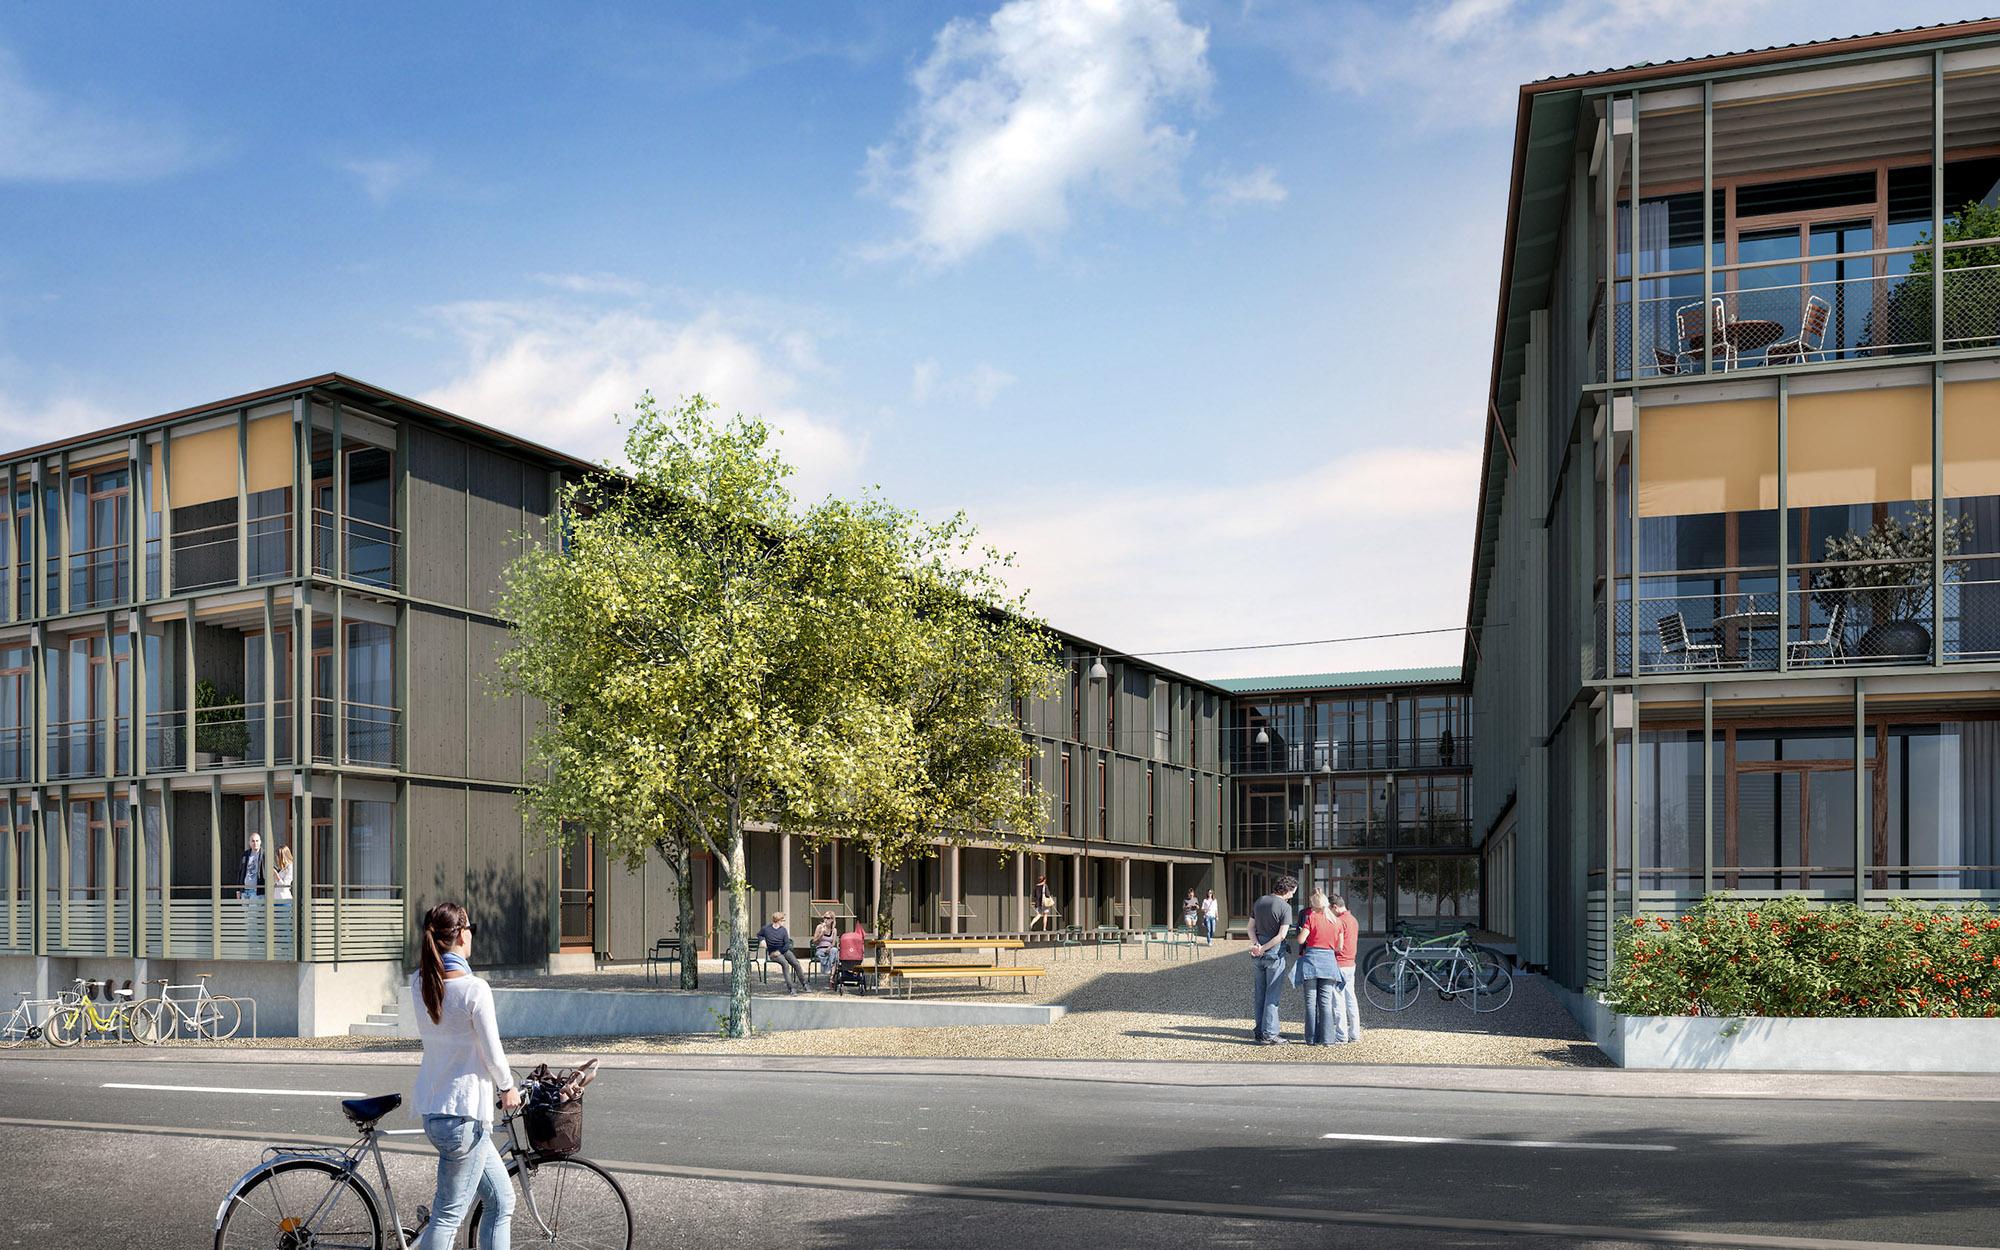 Ab September bezugsbereit: Die 55 neuen Wohnungen an der Maiengasse/Hebelstrasse.